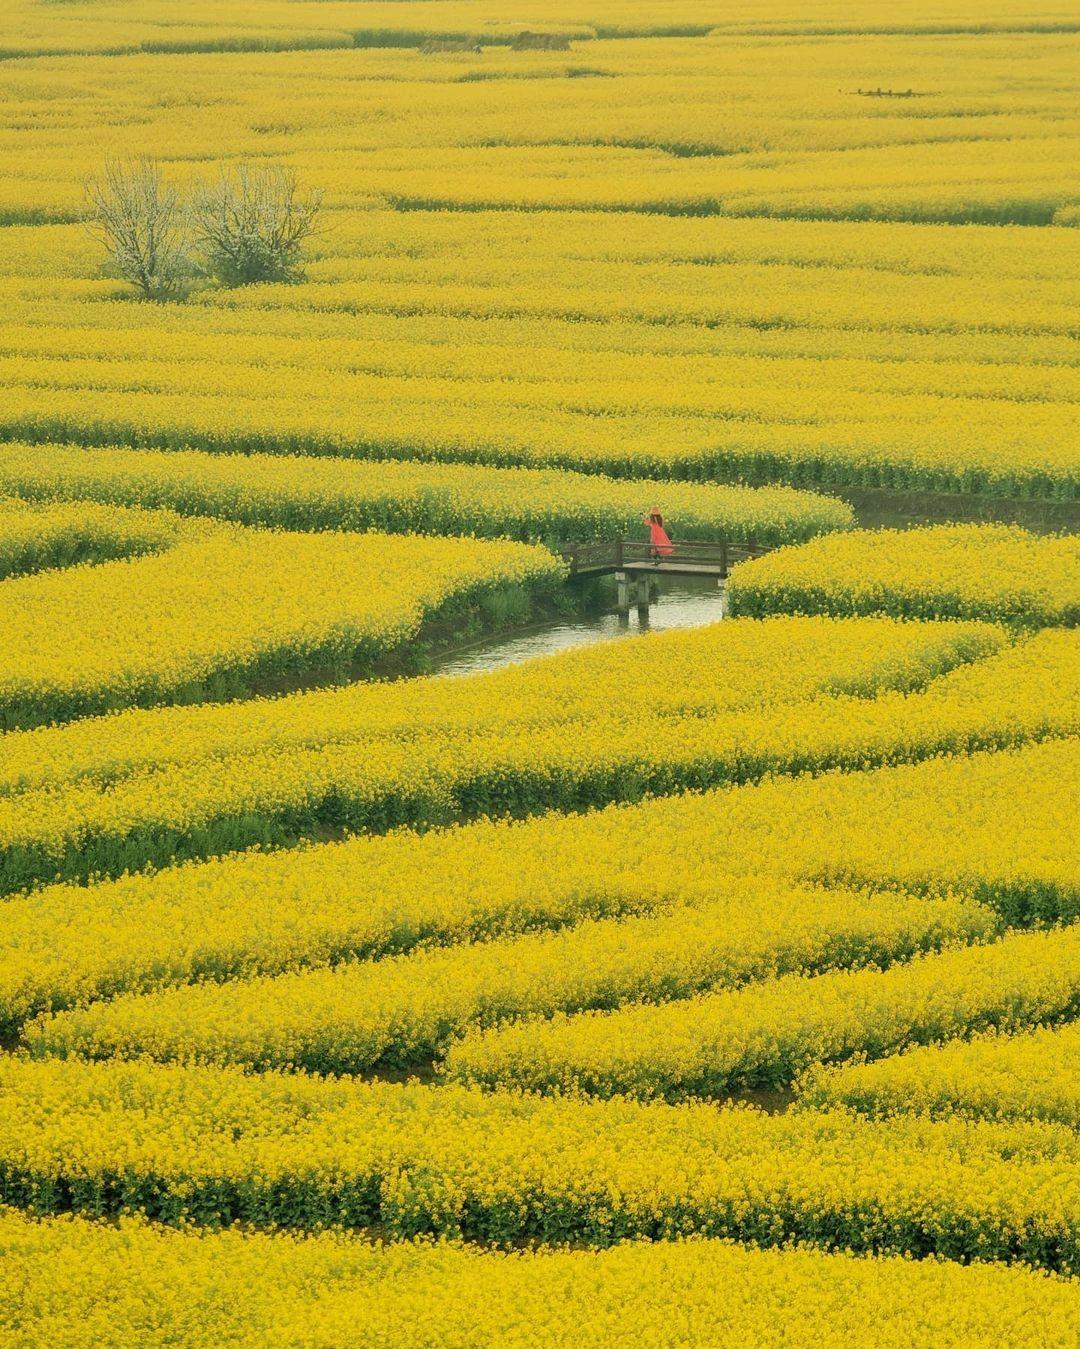 當代中國-中國旅遊-中國文化-江蘇旅遊-花海-中國農業-興化垛田-2